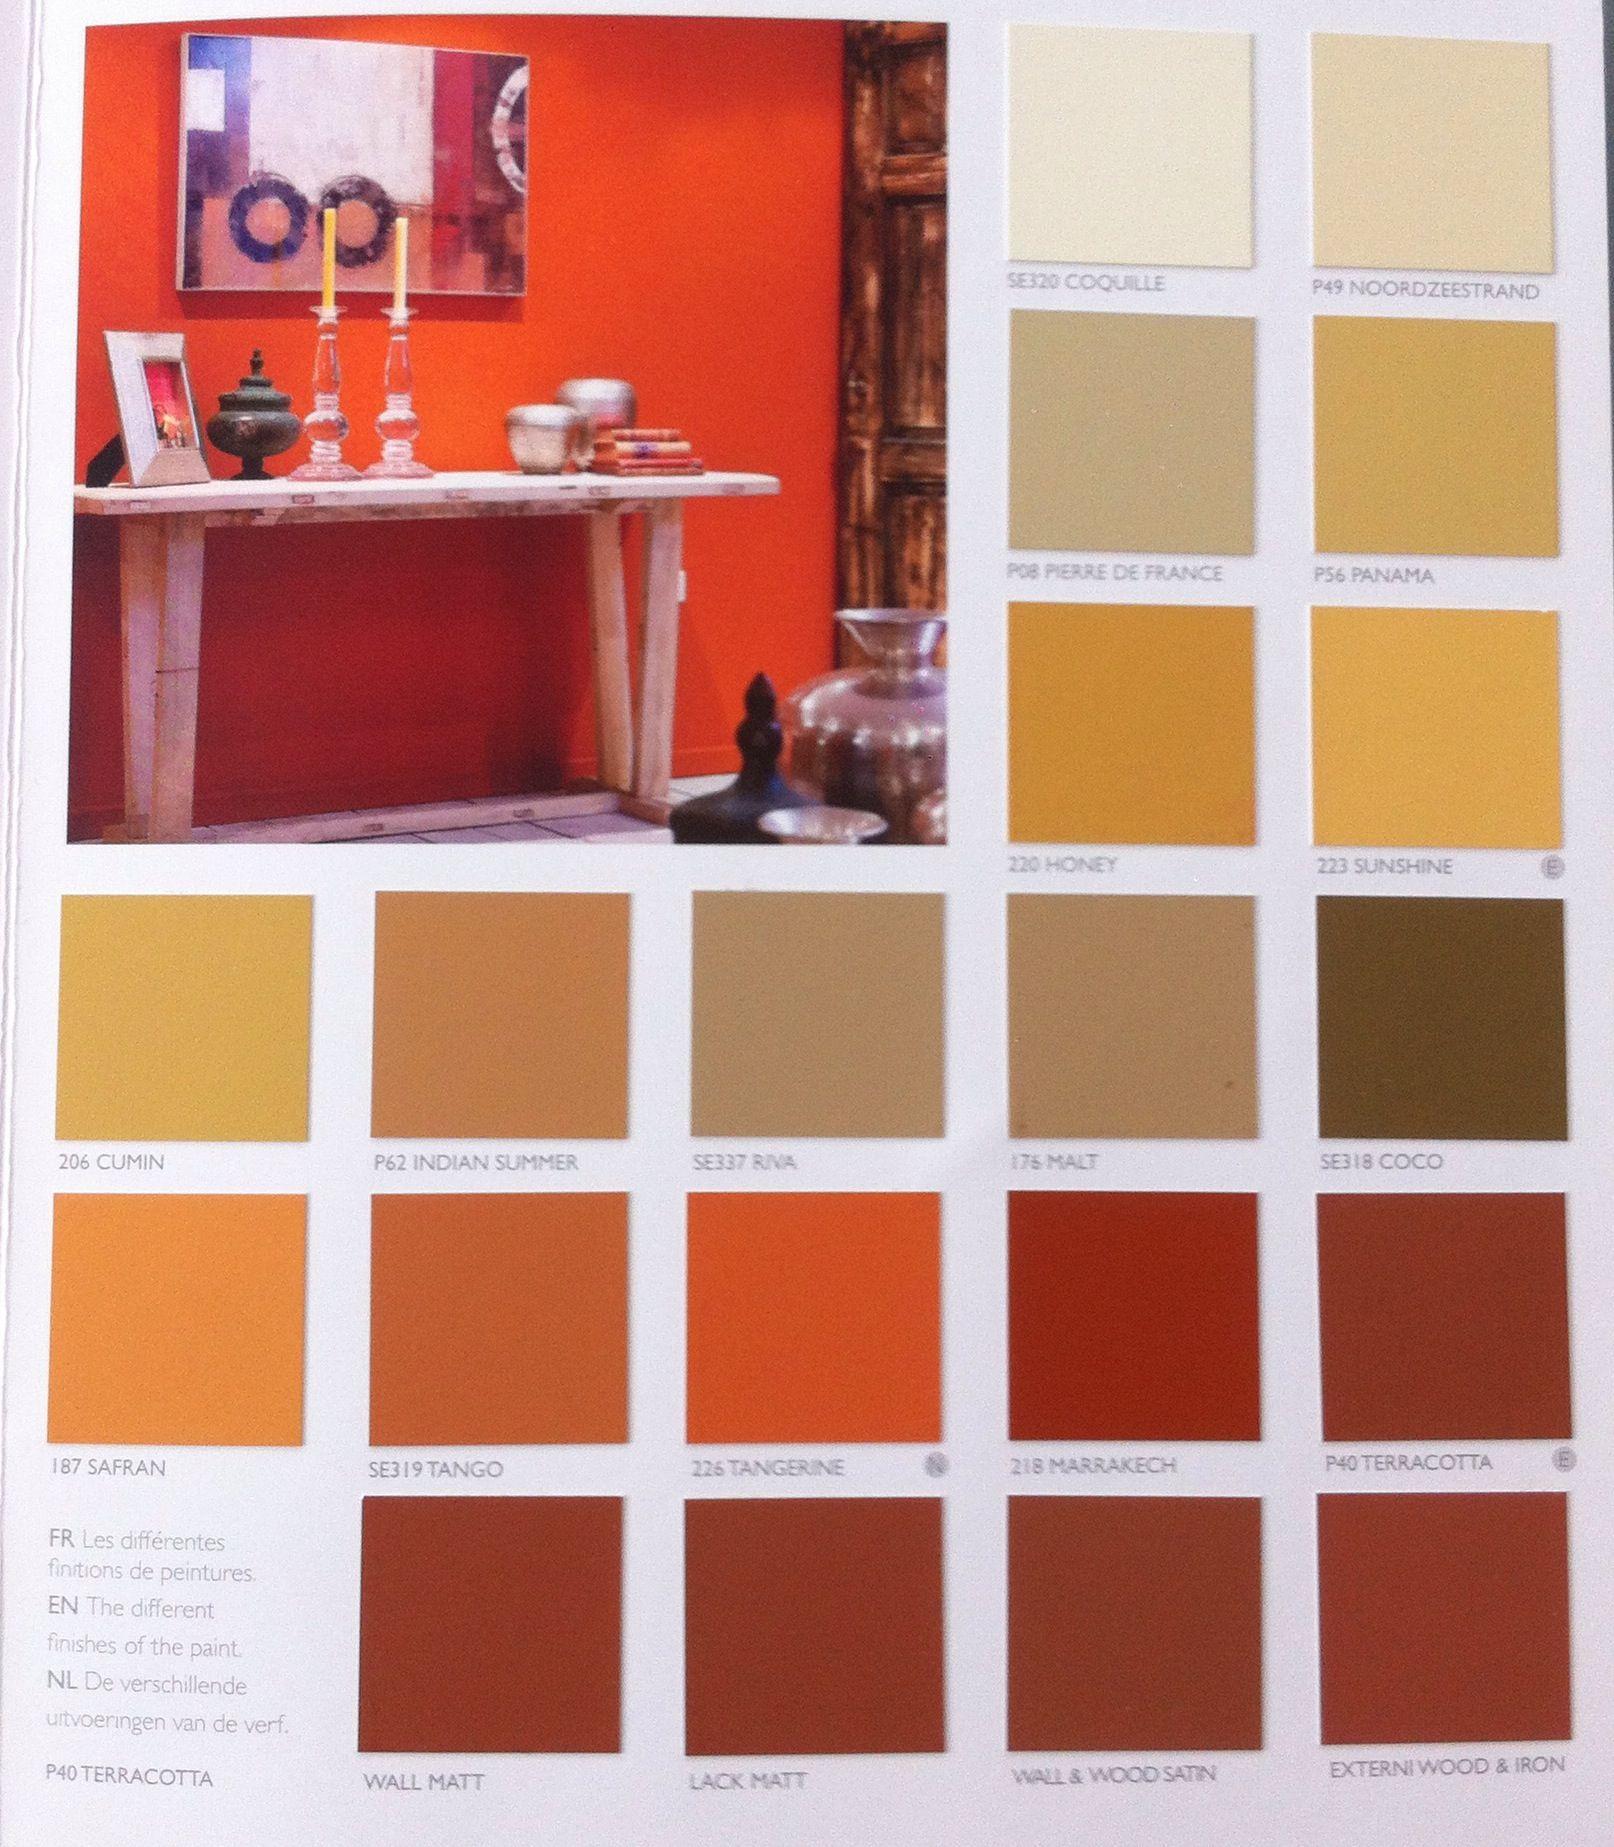 nuancier flamant architecture de maison flamant couleur peinture nuancier cabane peintures